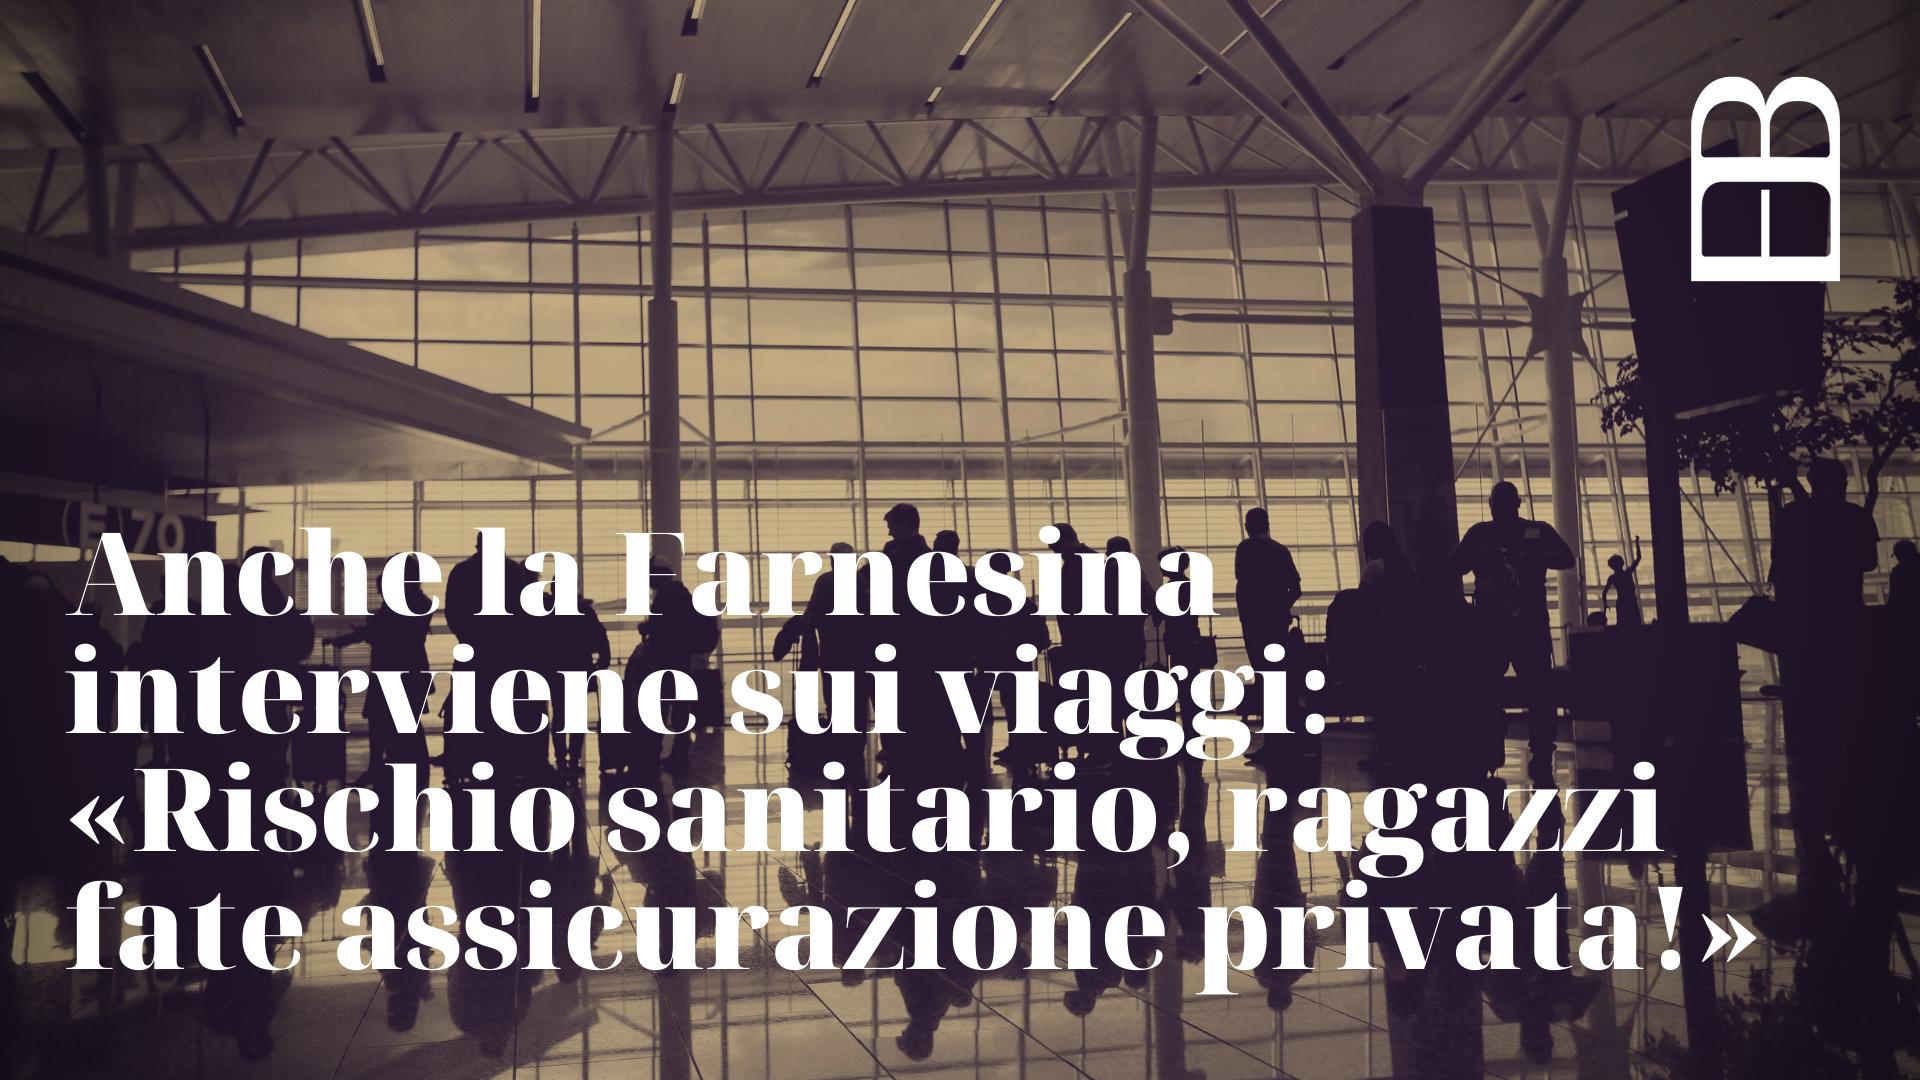 Anche la Farnesina interviene sui viaggi: «Rischio sanitario, ragazzi fate assicurazione privata!»